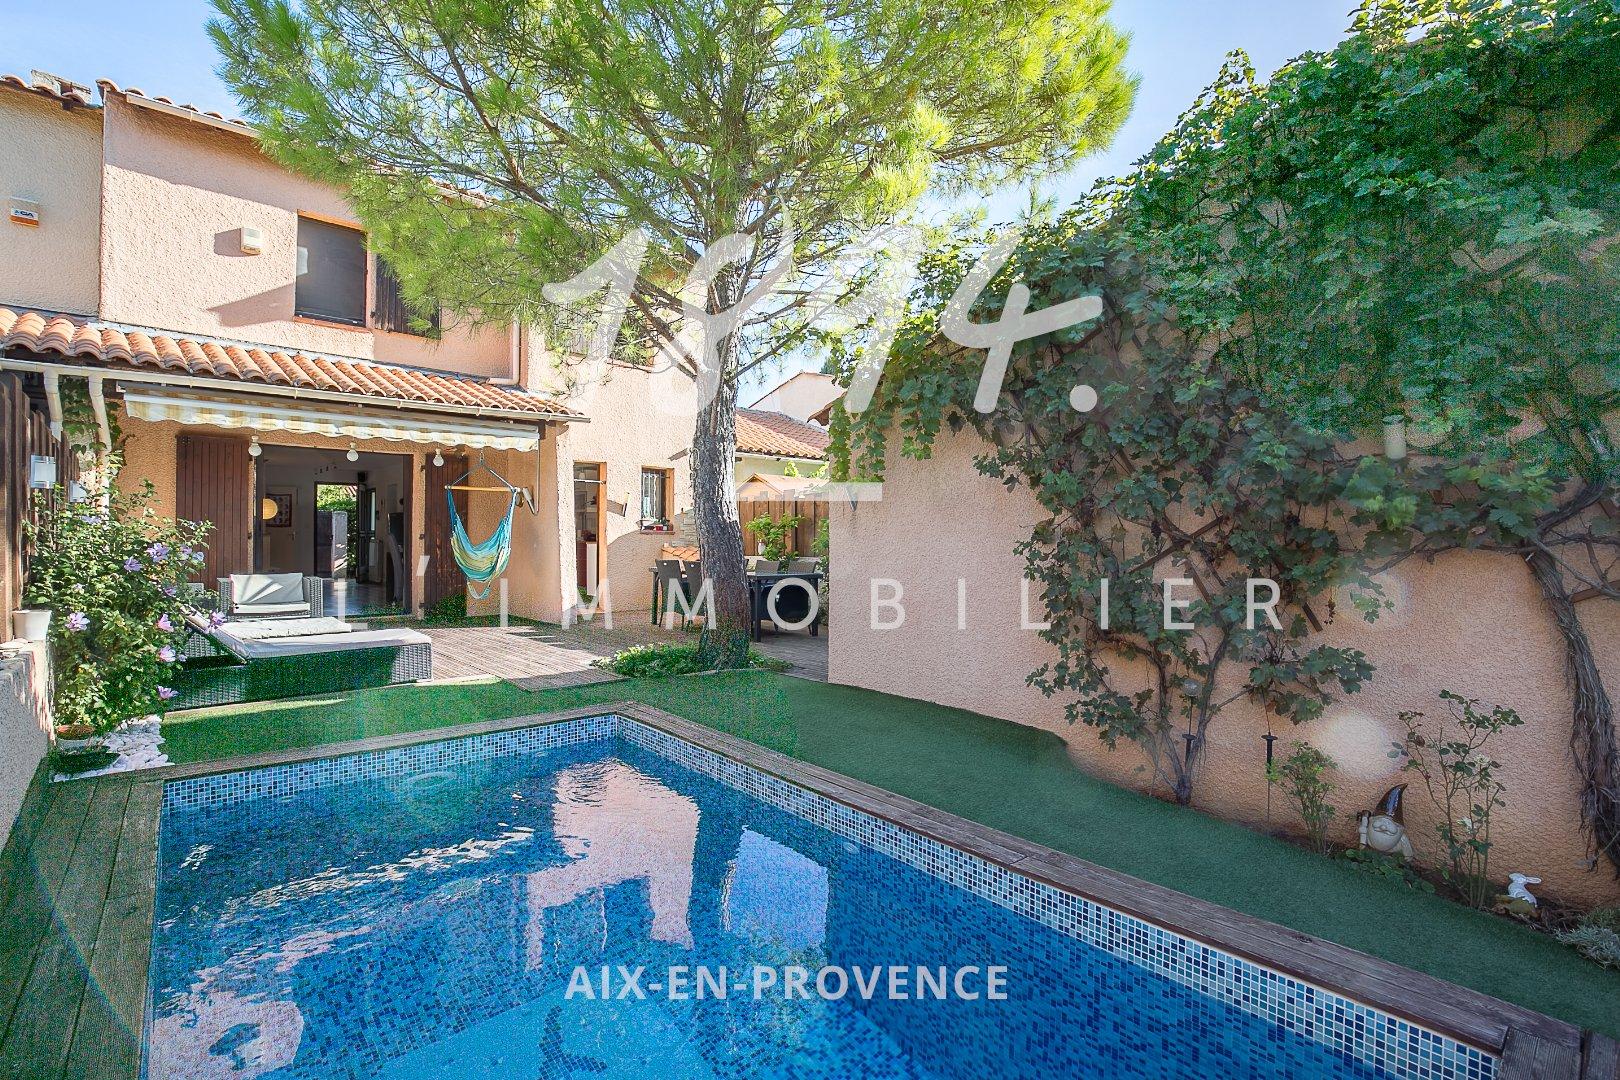 Maison de Type 5 de 105m² sur 200m² de terrain avec piscine et garage